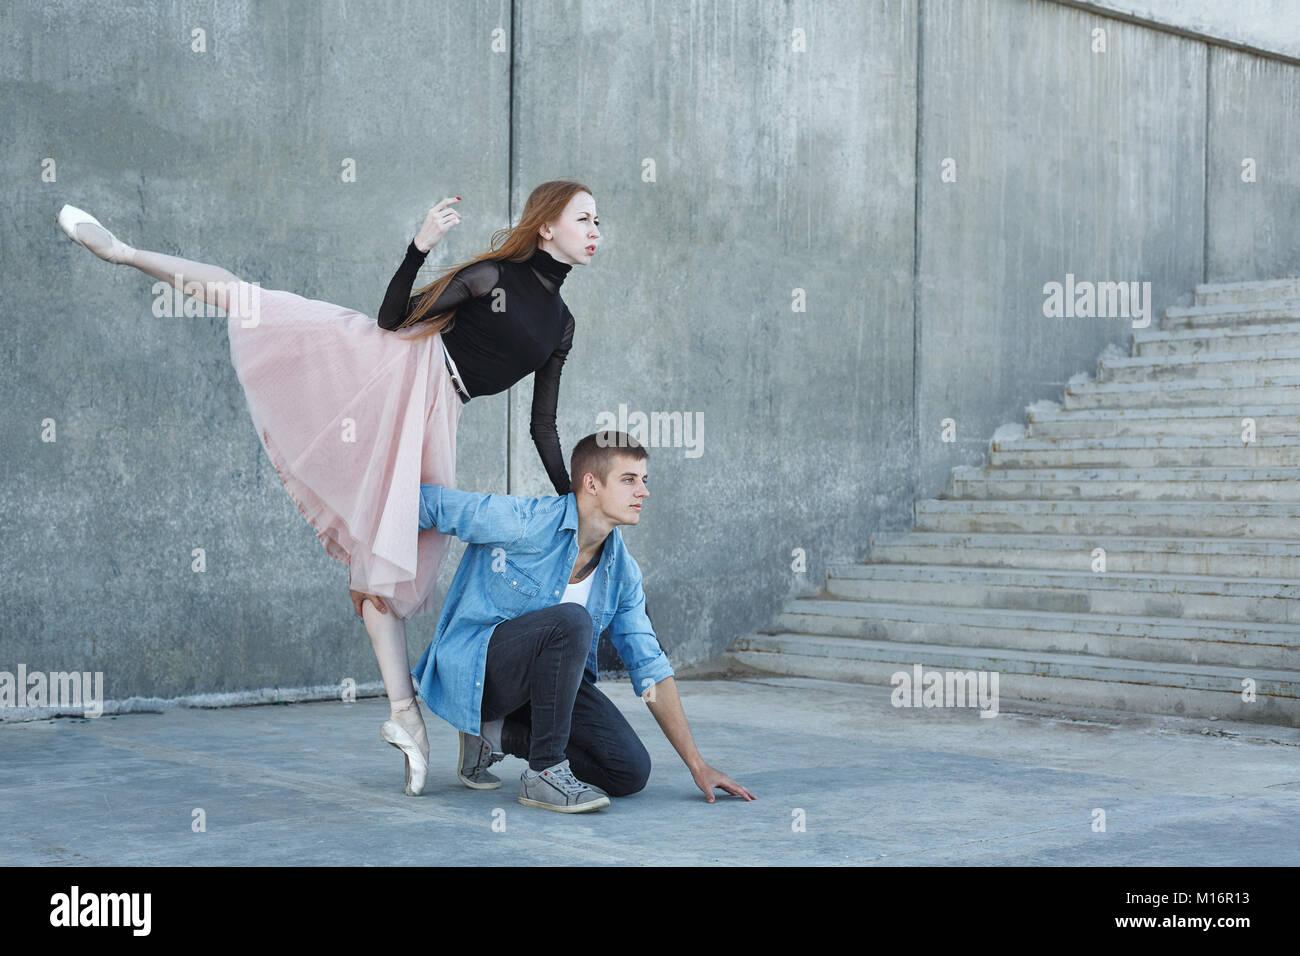 Slender ballerine danse avec une danseuse moderne. Les amateurs de rencontres. Performance dans les rues de la ville. Photo Stock